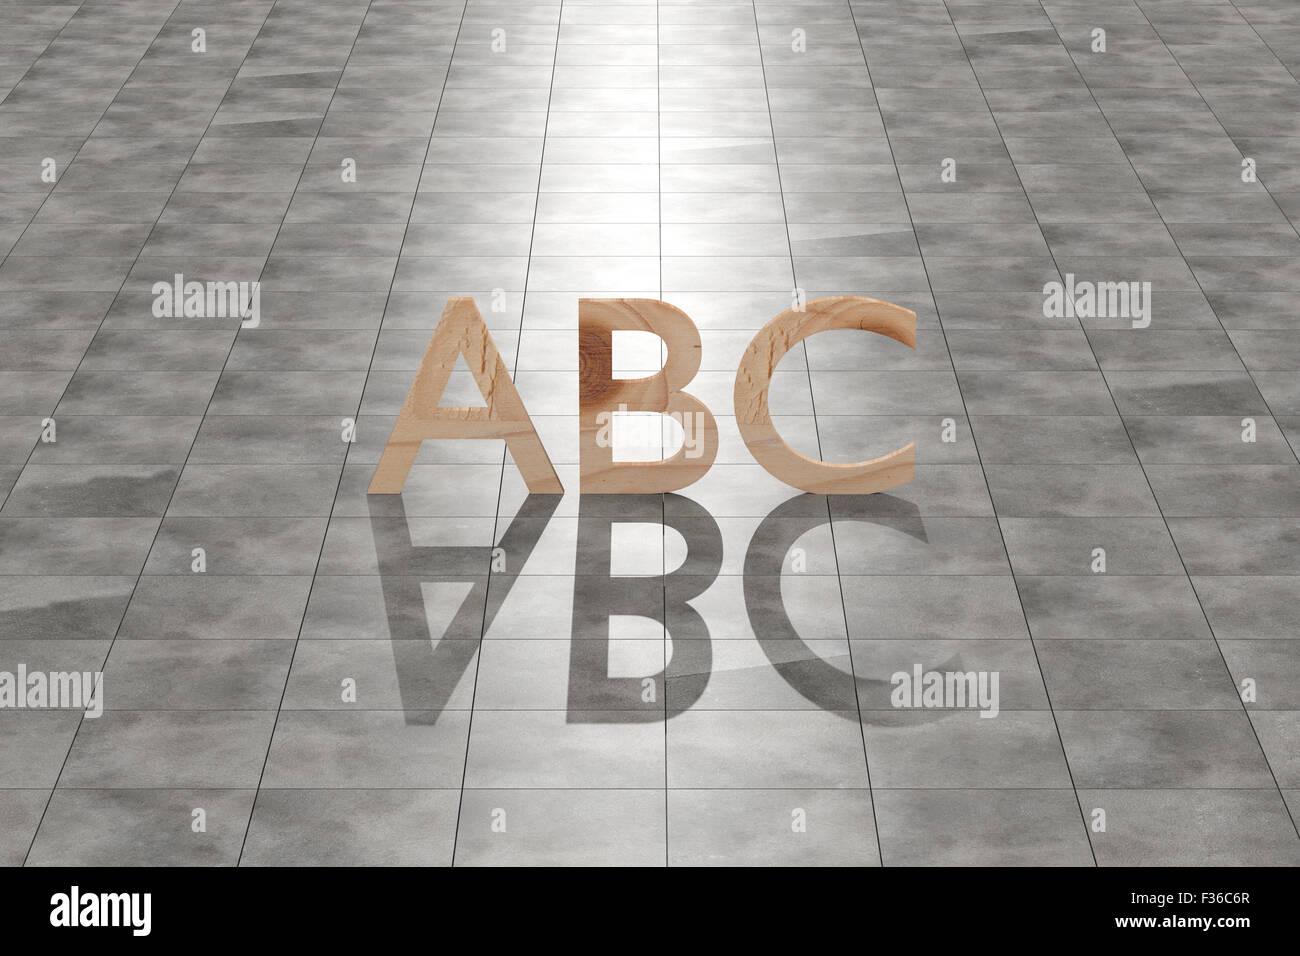 Le rendu 3D d'une des lettres abc en bois sur un plancher de tuiles Photo Stock